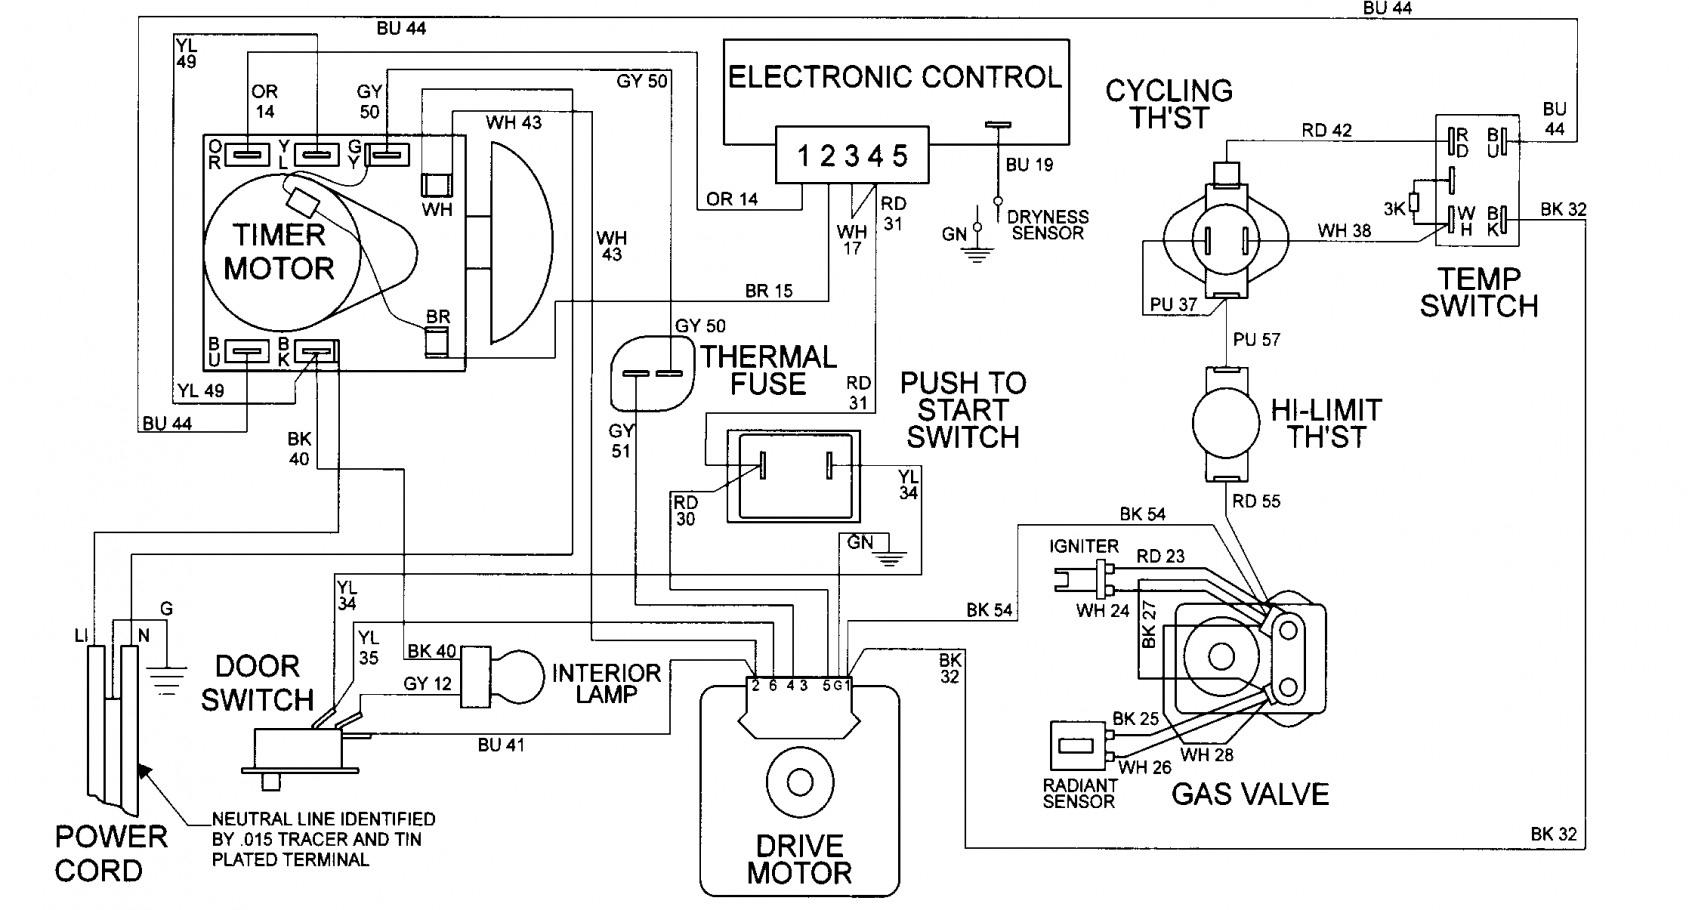 Dryer Schematic | Wiring Diagram - Dryer Wiring Diagram